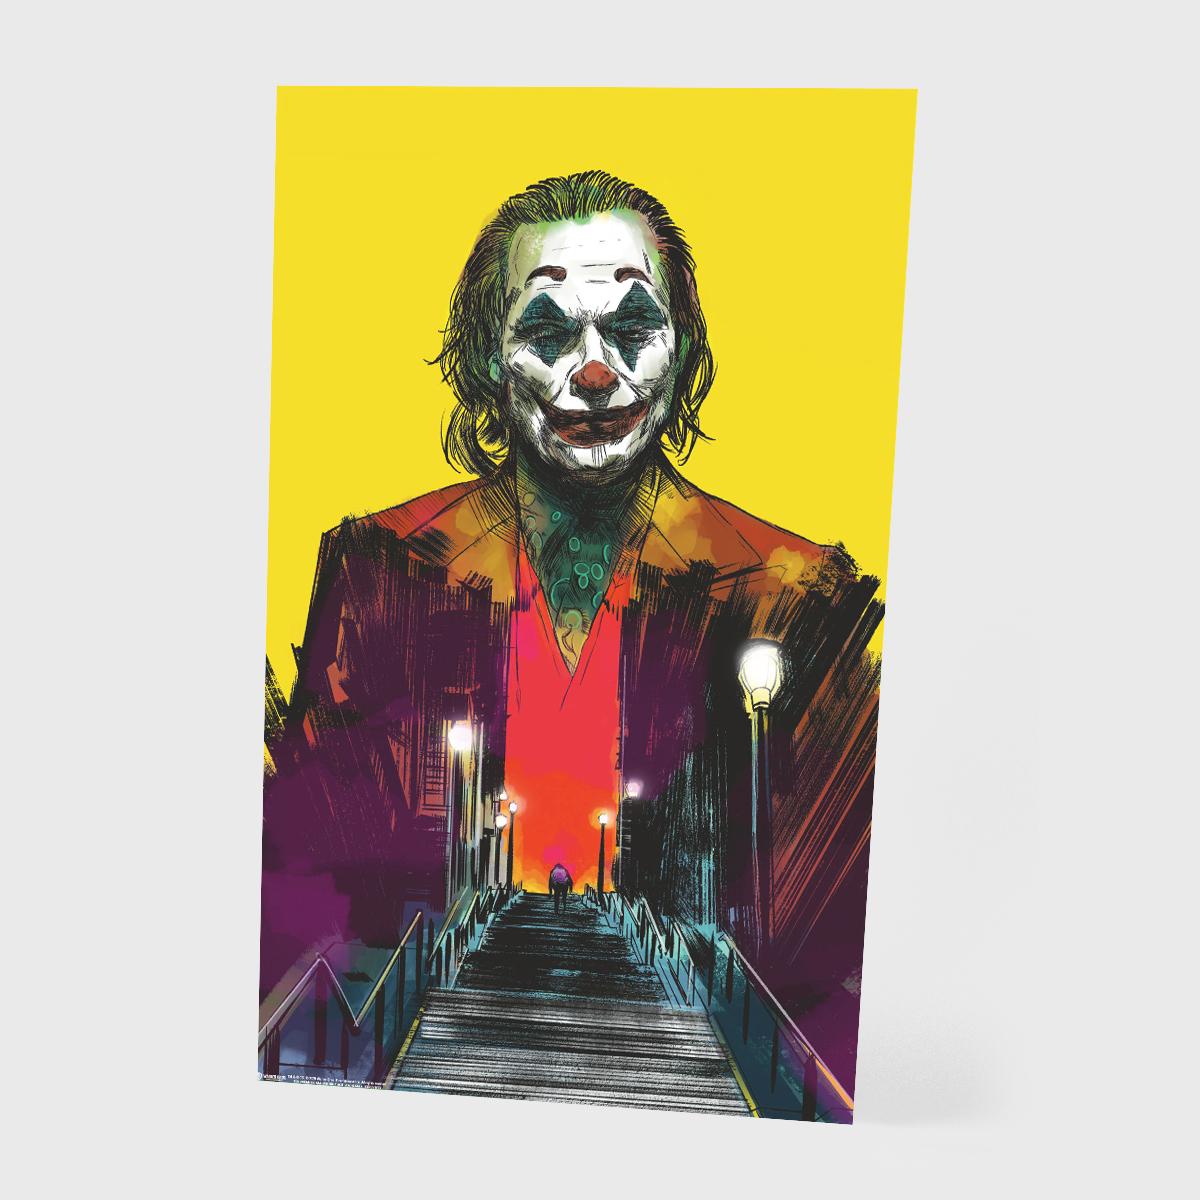 Joker_CE_Poster